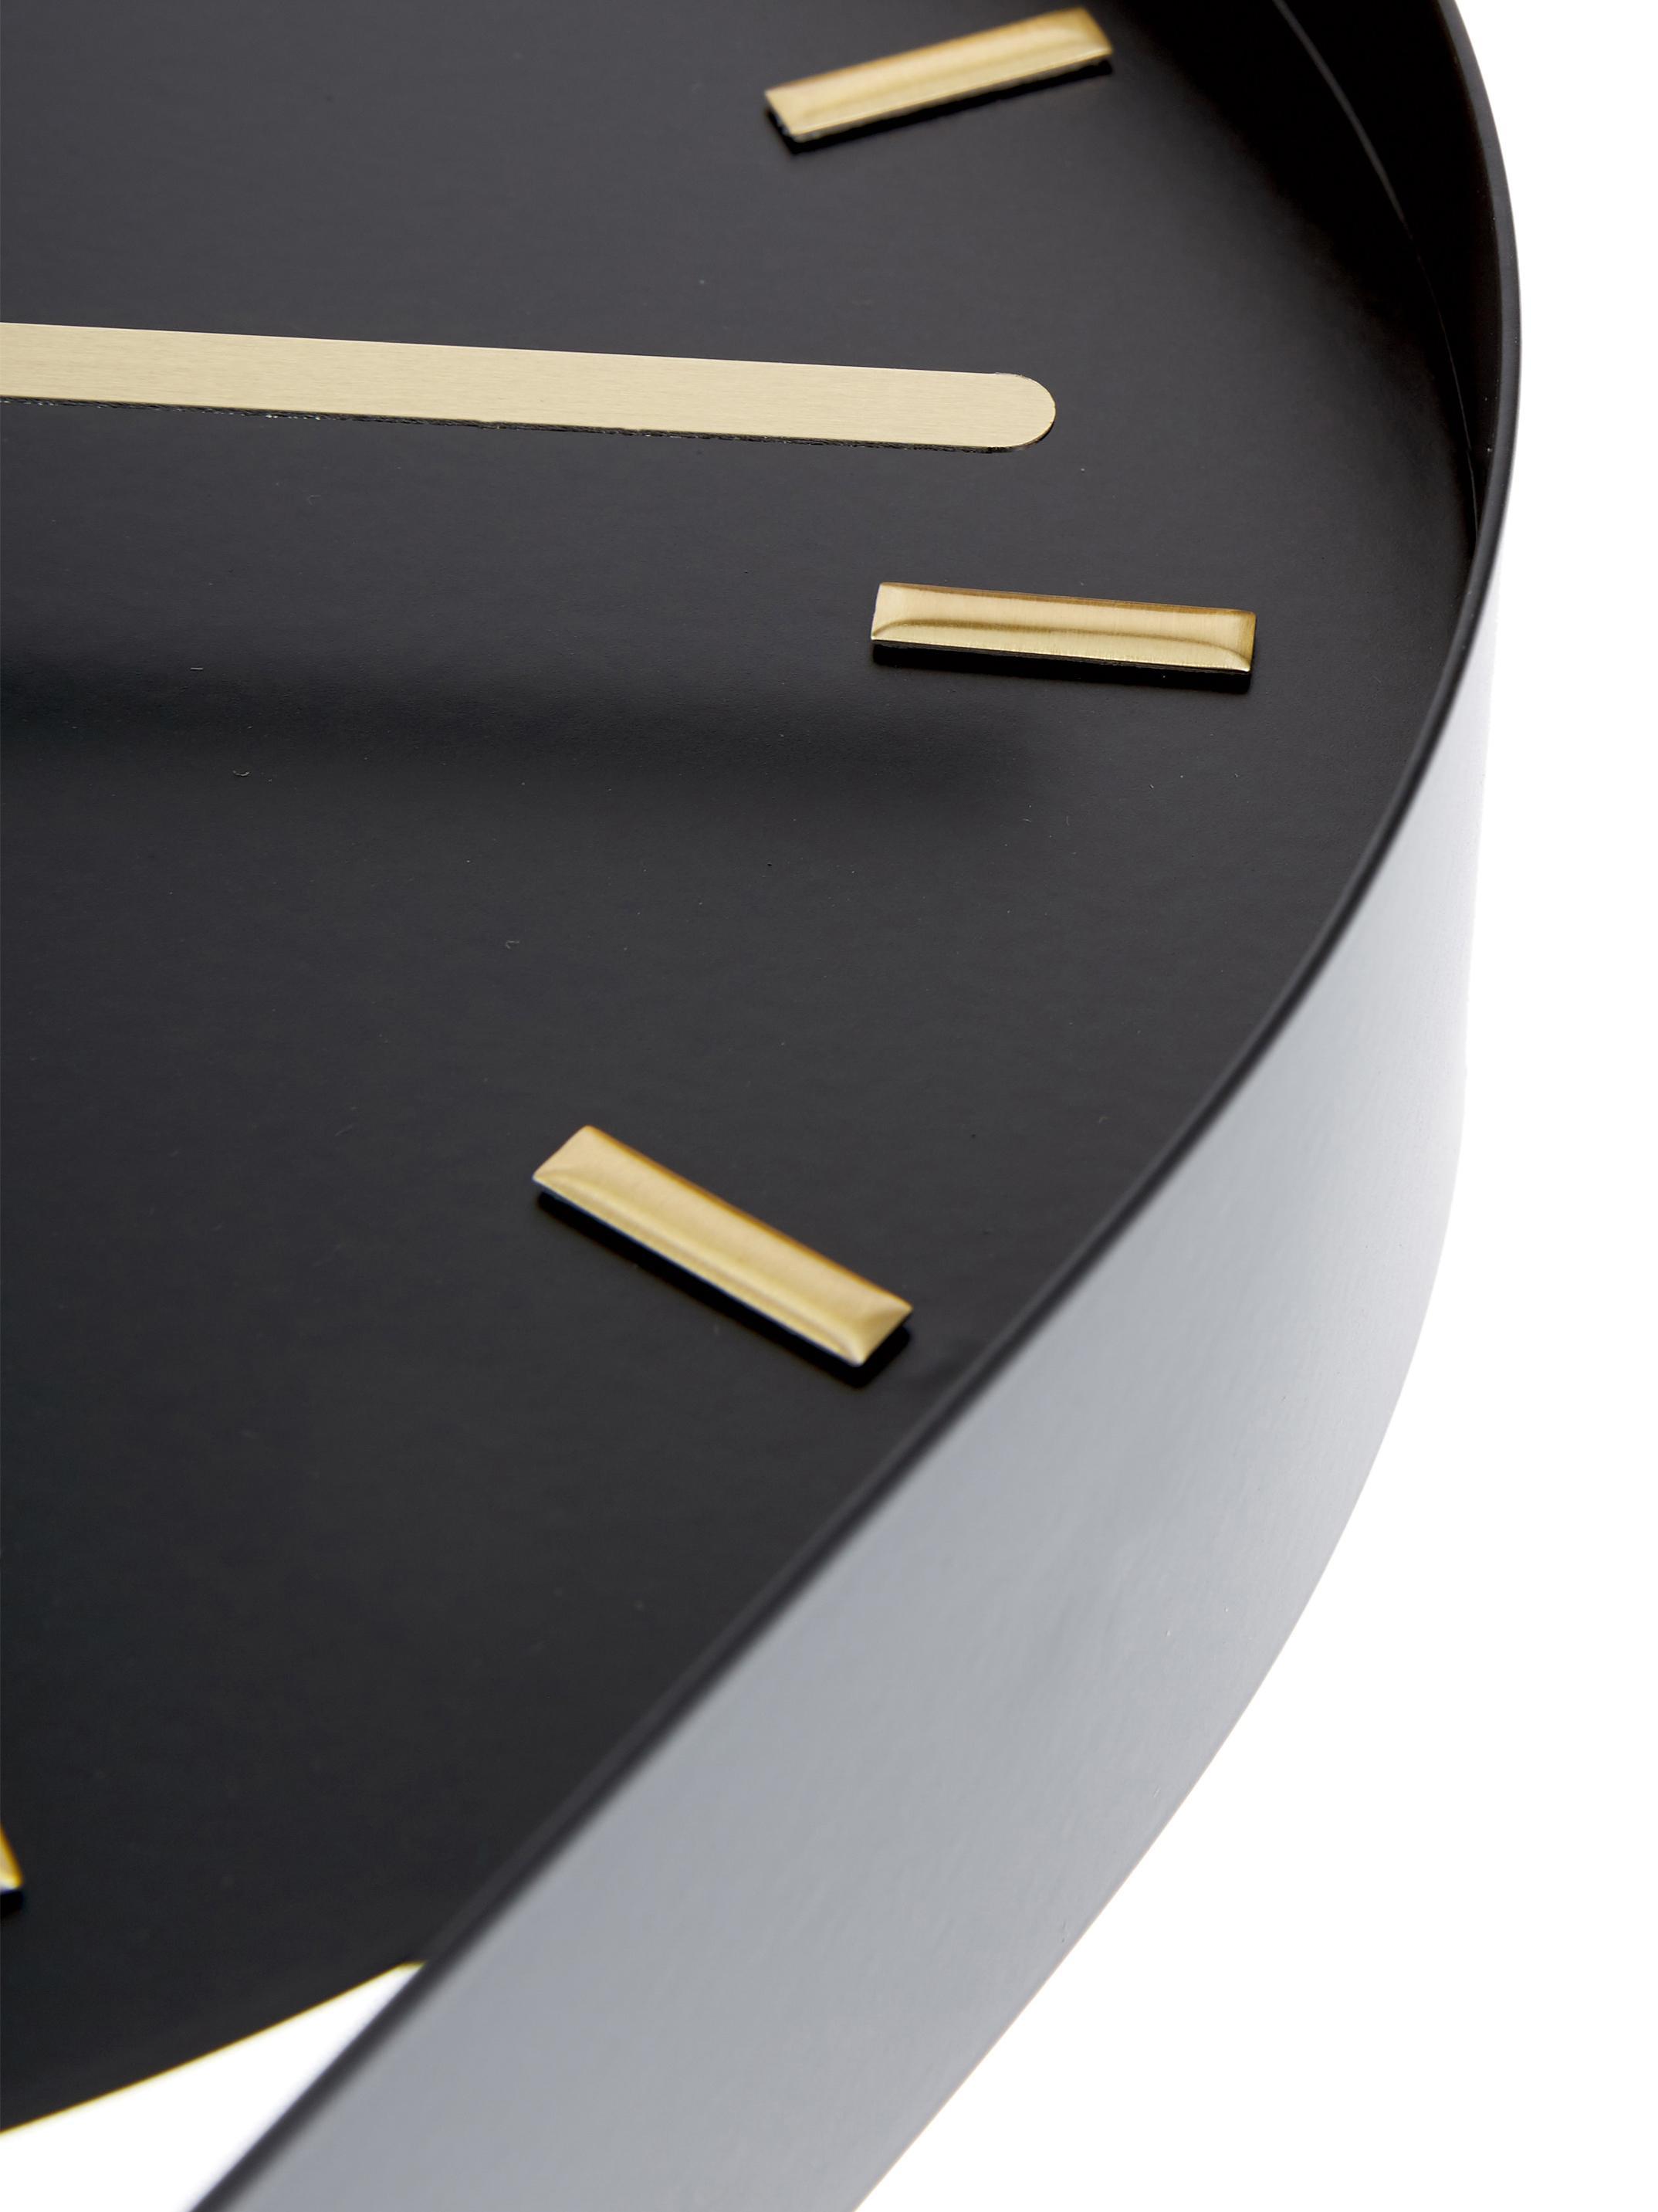 Orologio da parete Charm, Metallo rivestito, Nero, dorato, Larg. 20 x Alt. 50 cm